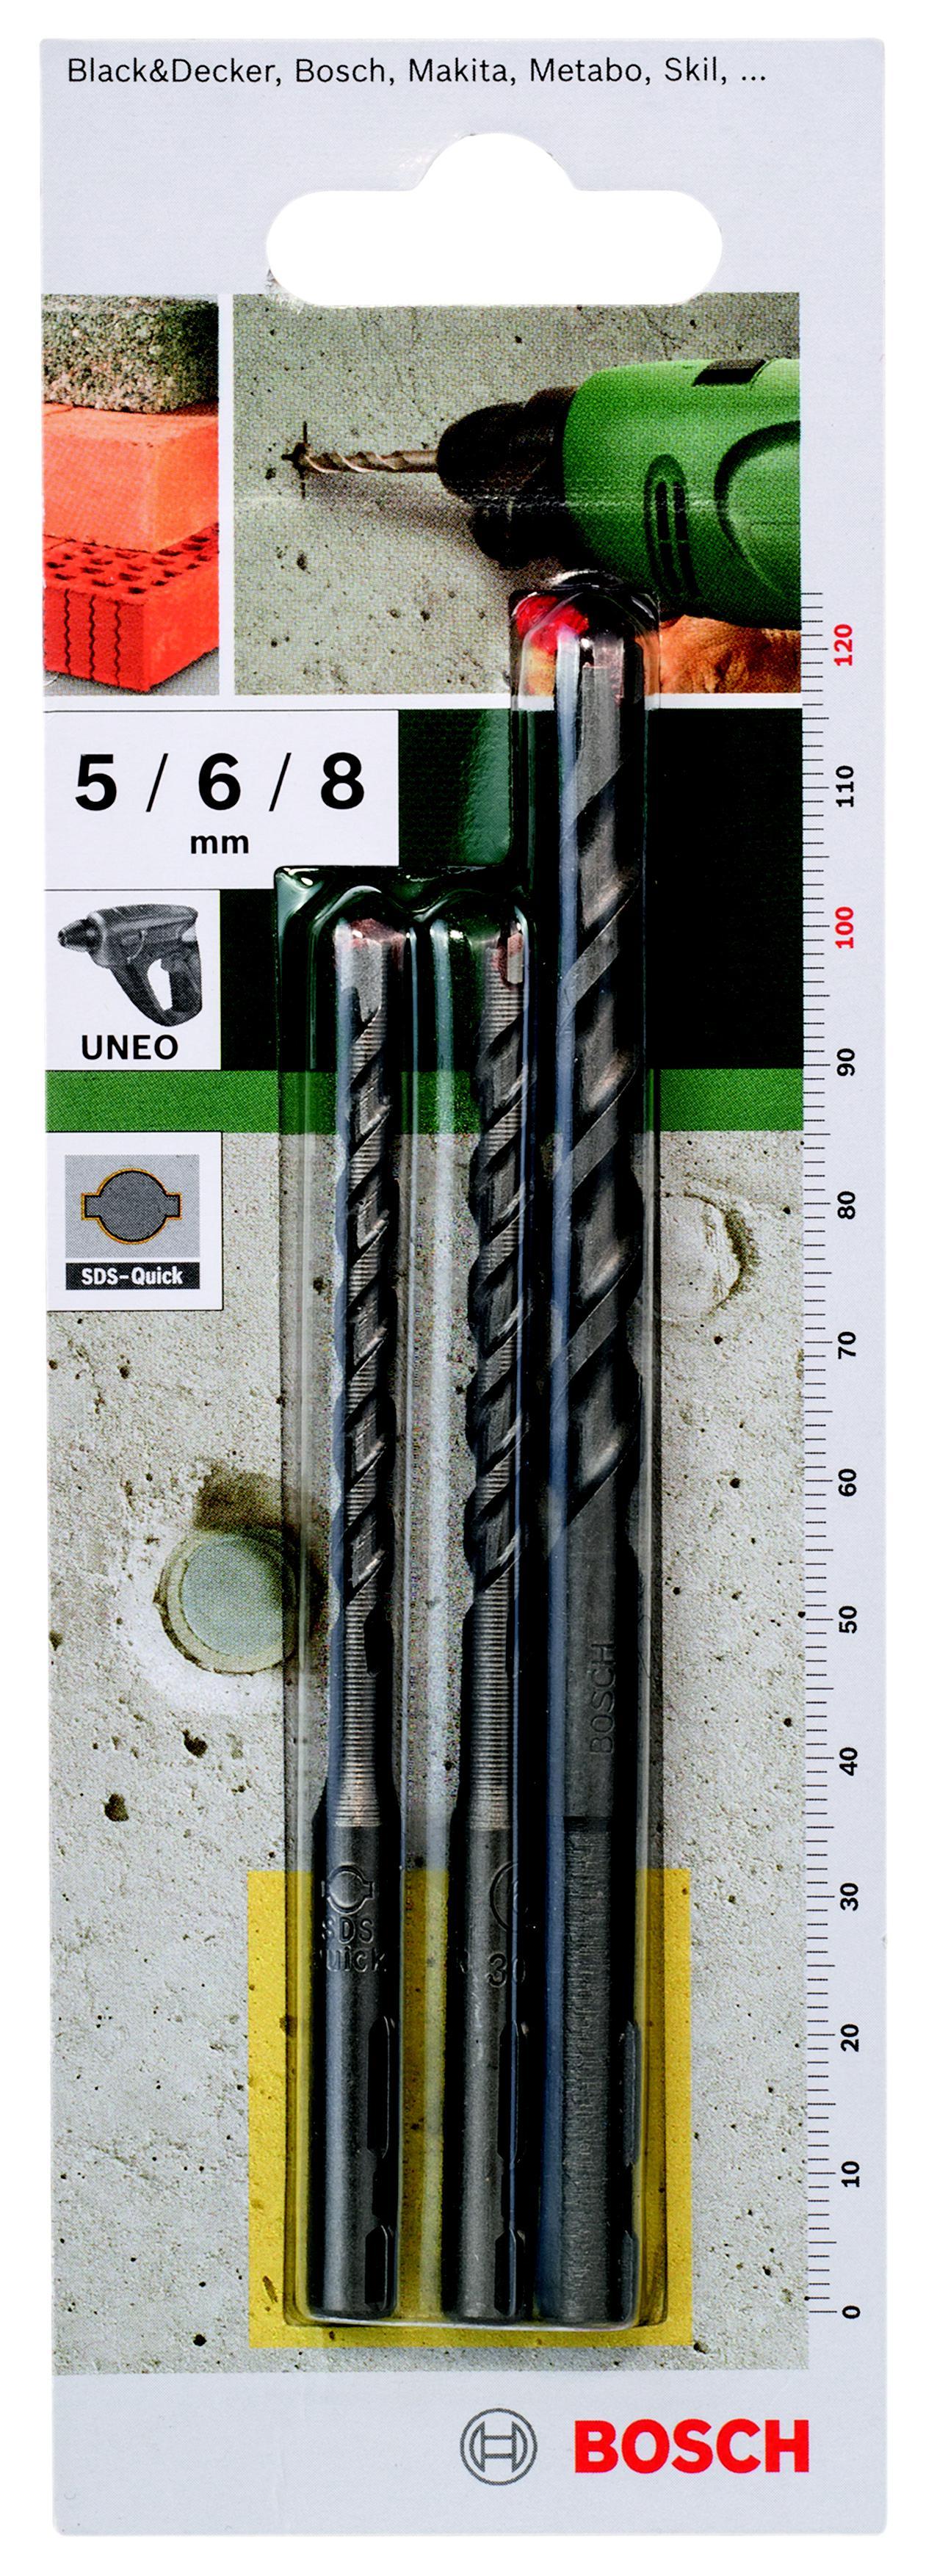 Набор сверл Bosch 2 609 256 908 по бетону, для uneo набор крепежный по бетону bosch крепежный для gdb по бетону 2 607 000 744